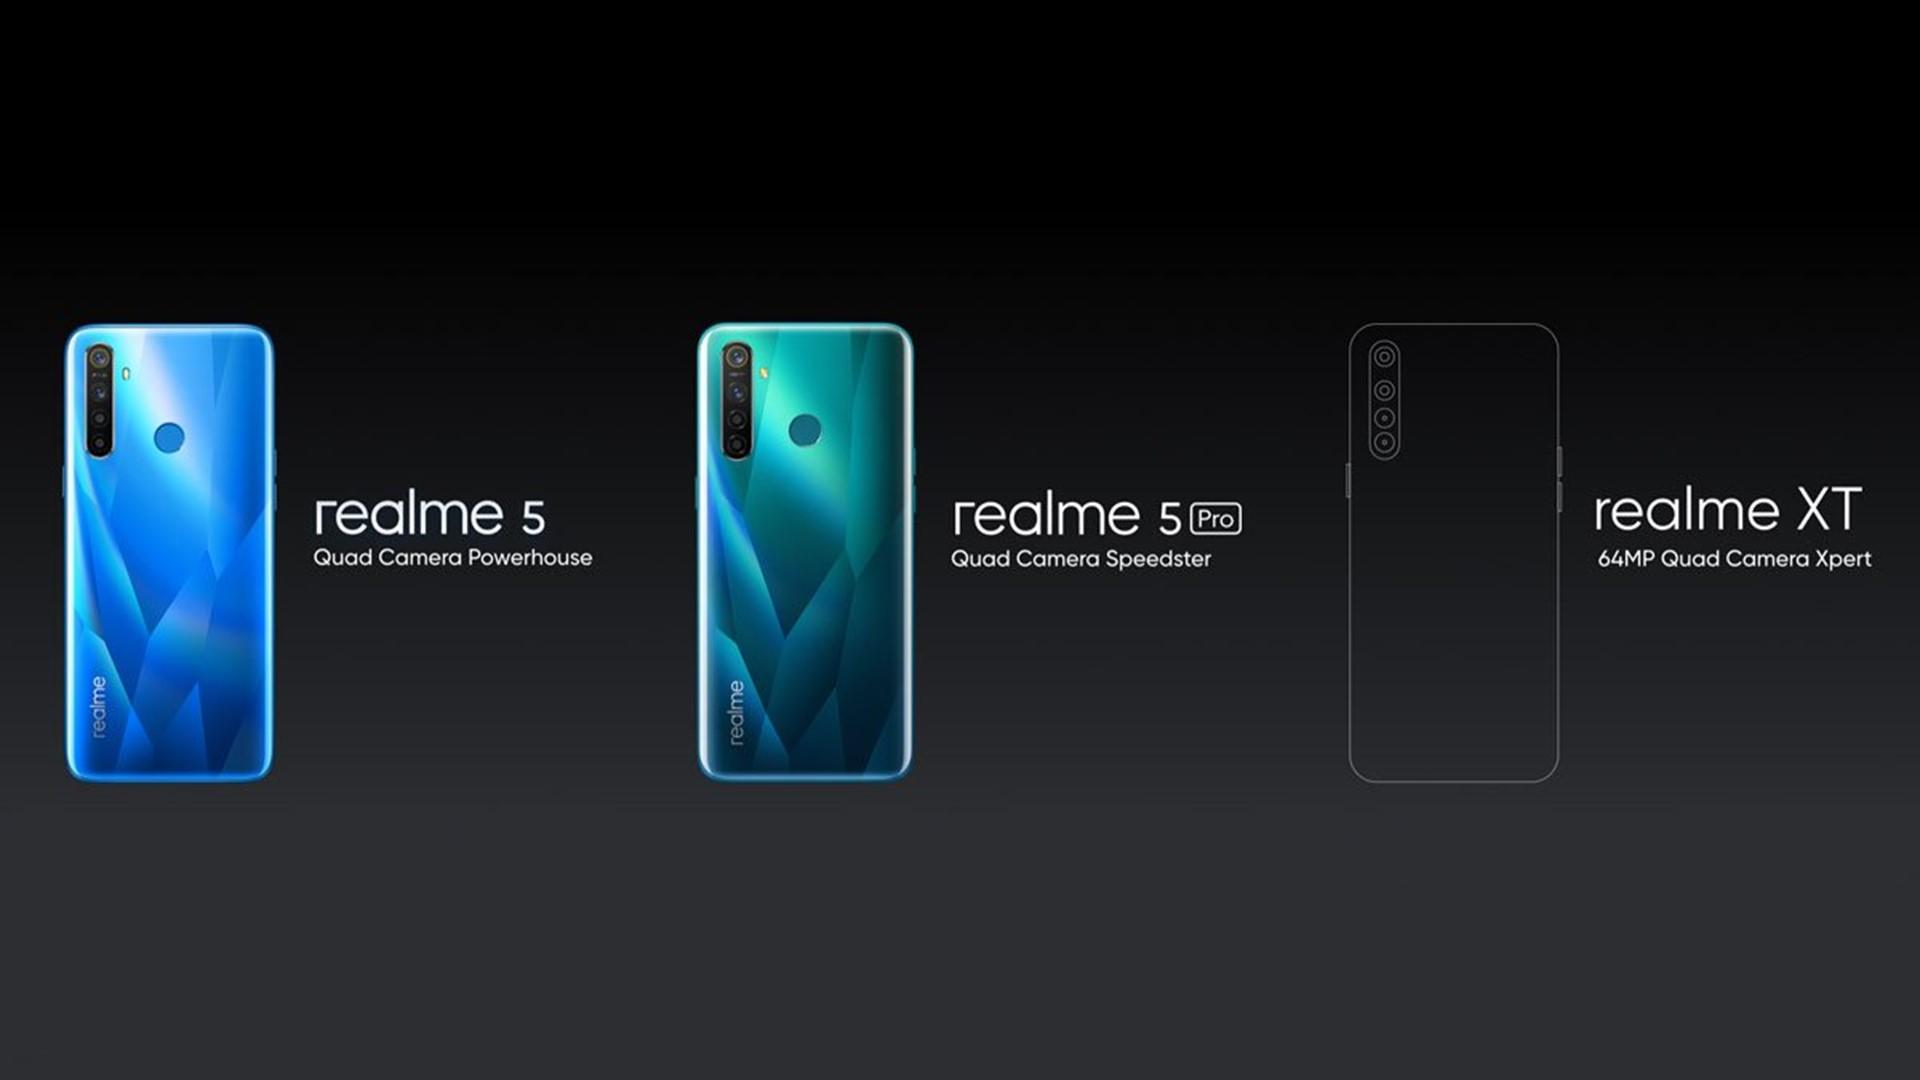 Realme XT, company's 64MP quad-camera beast confirmed